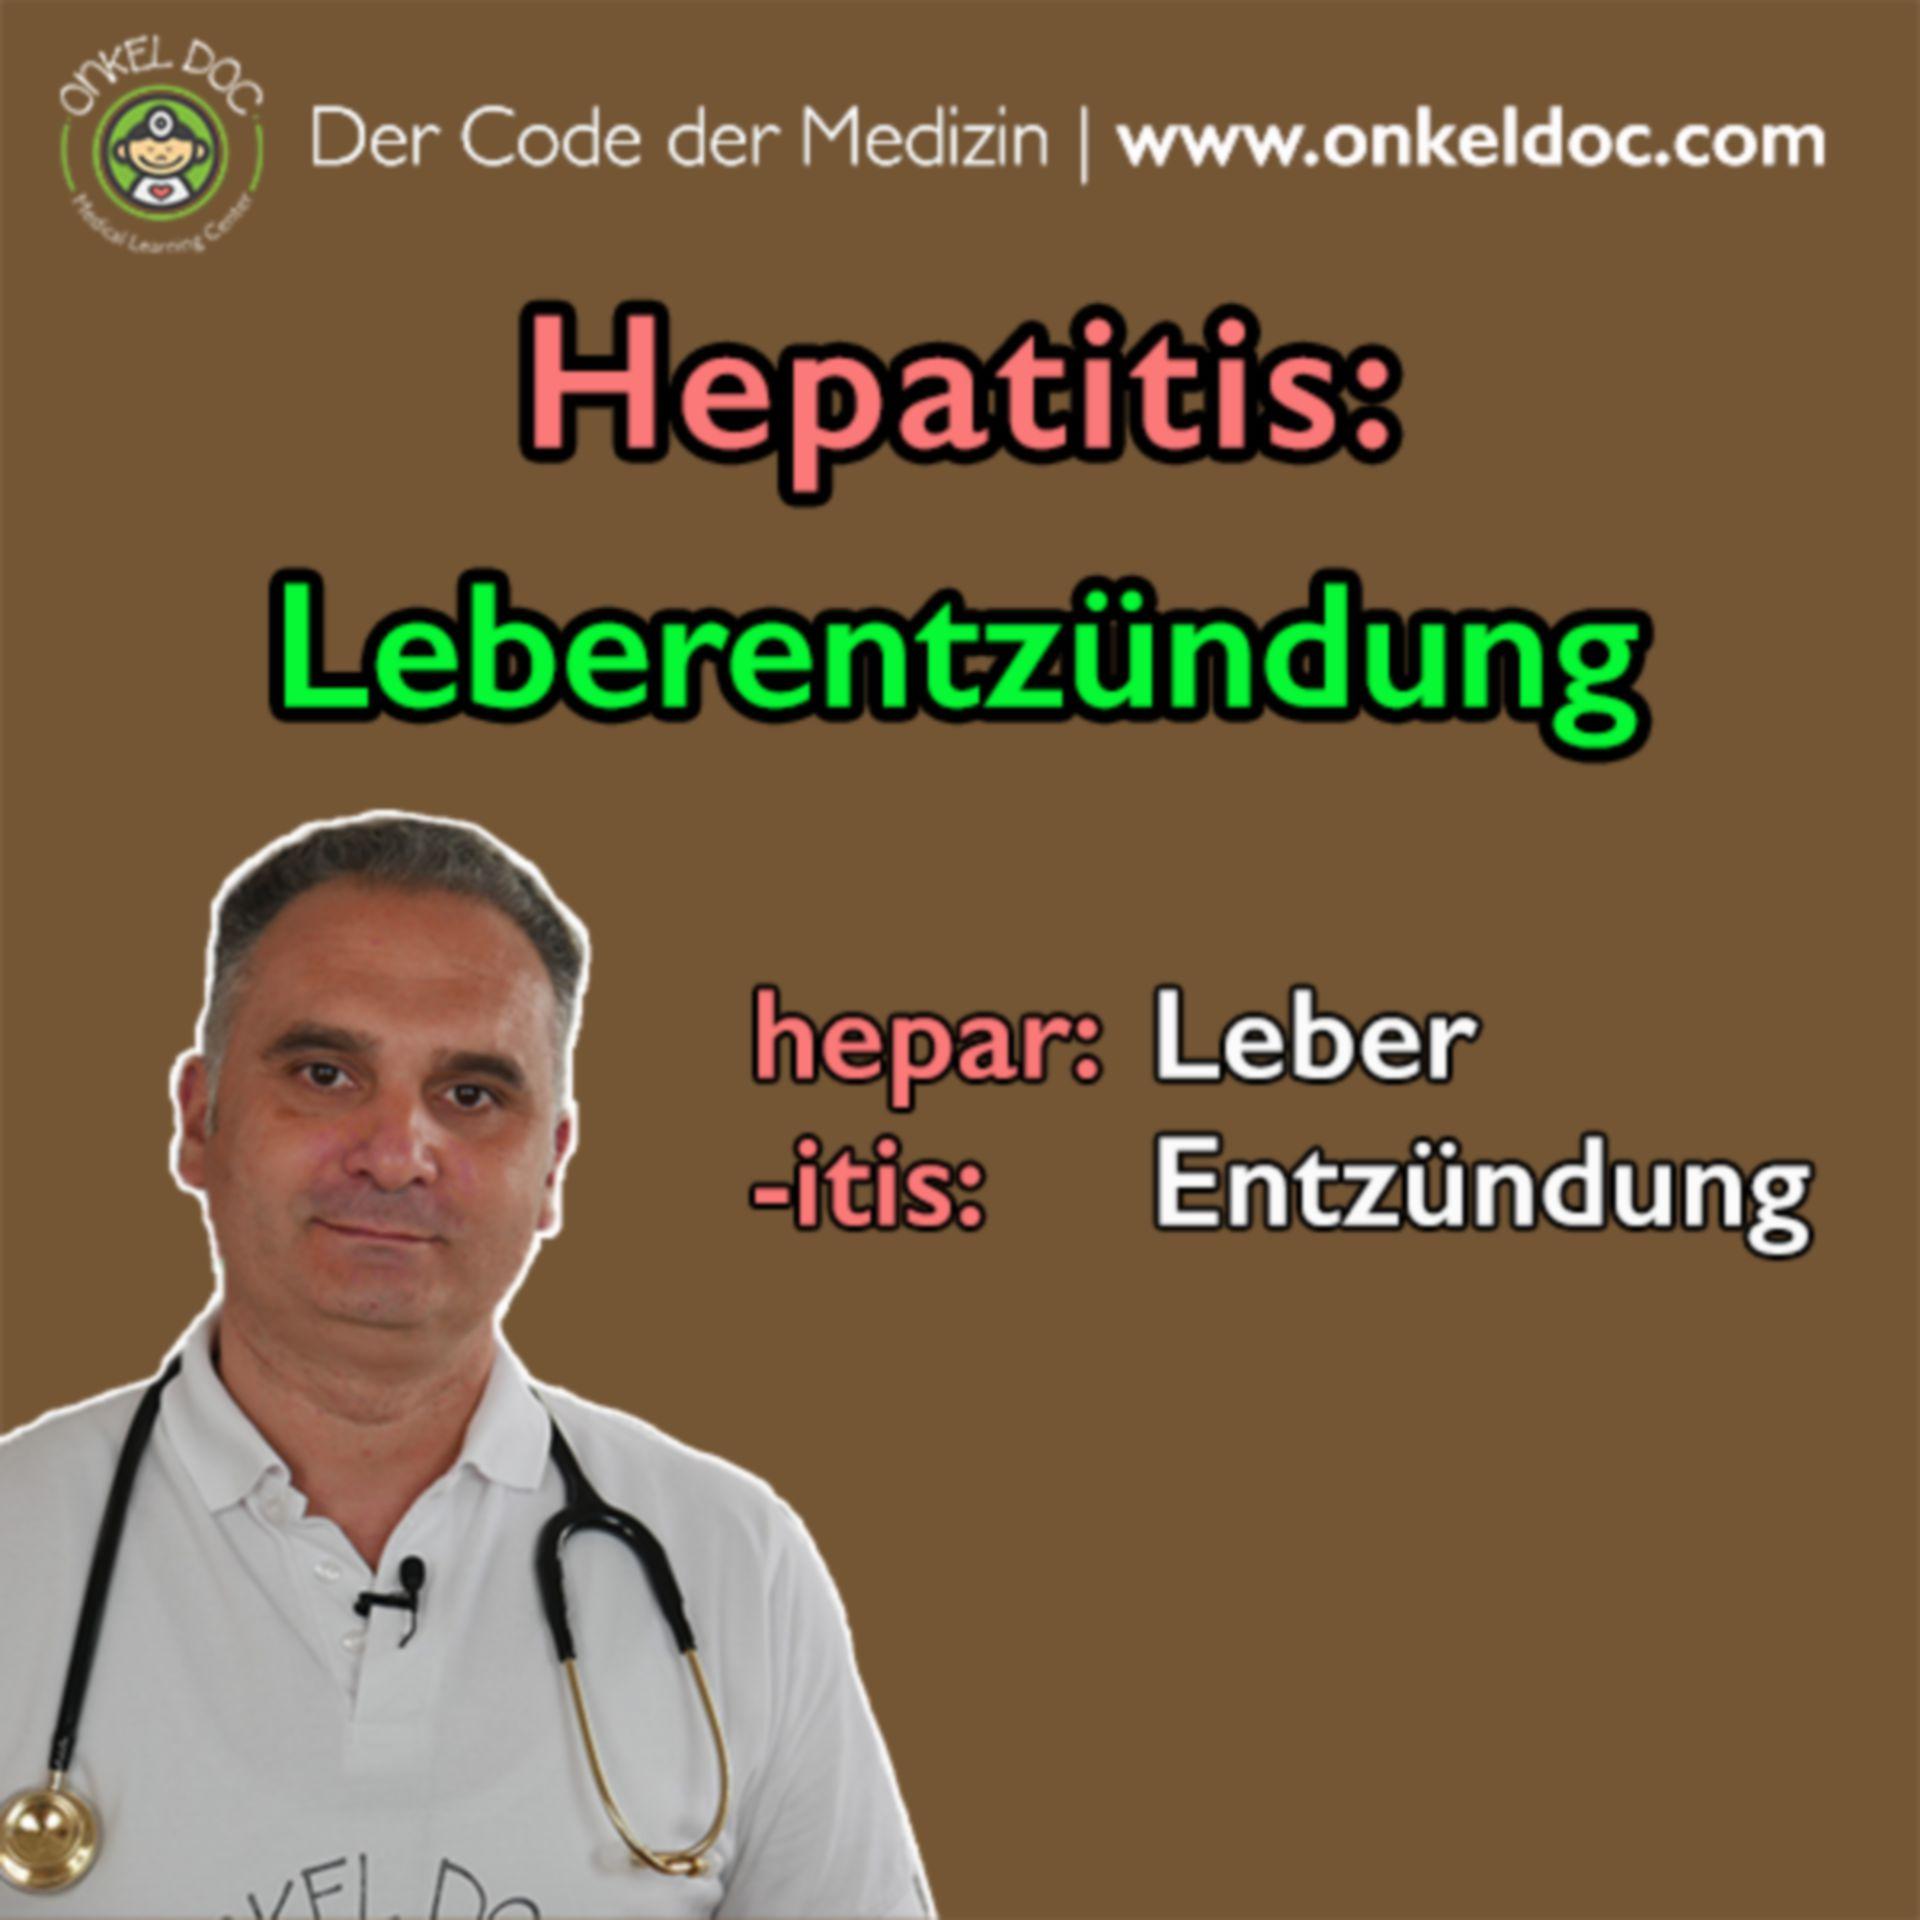 Der Code der Hepatitis